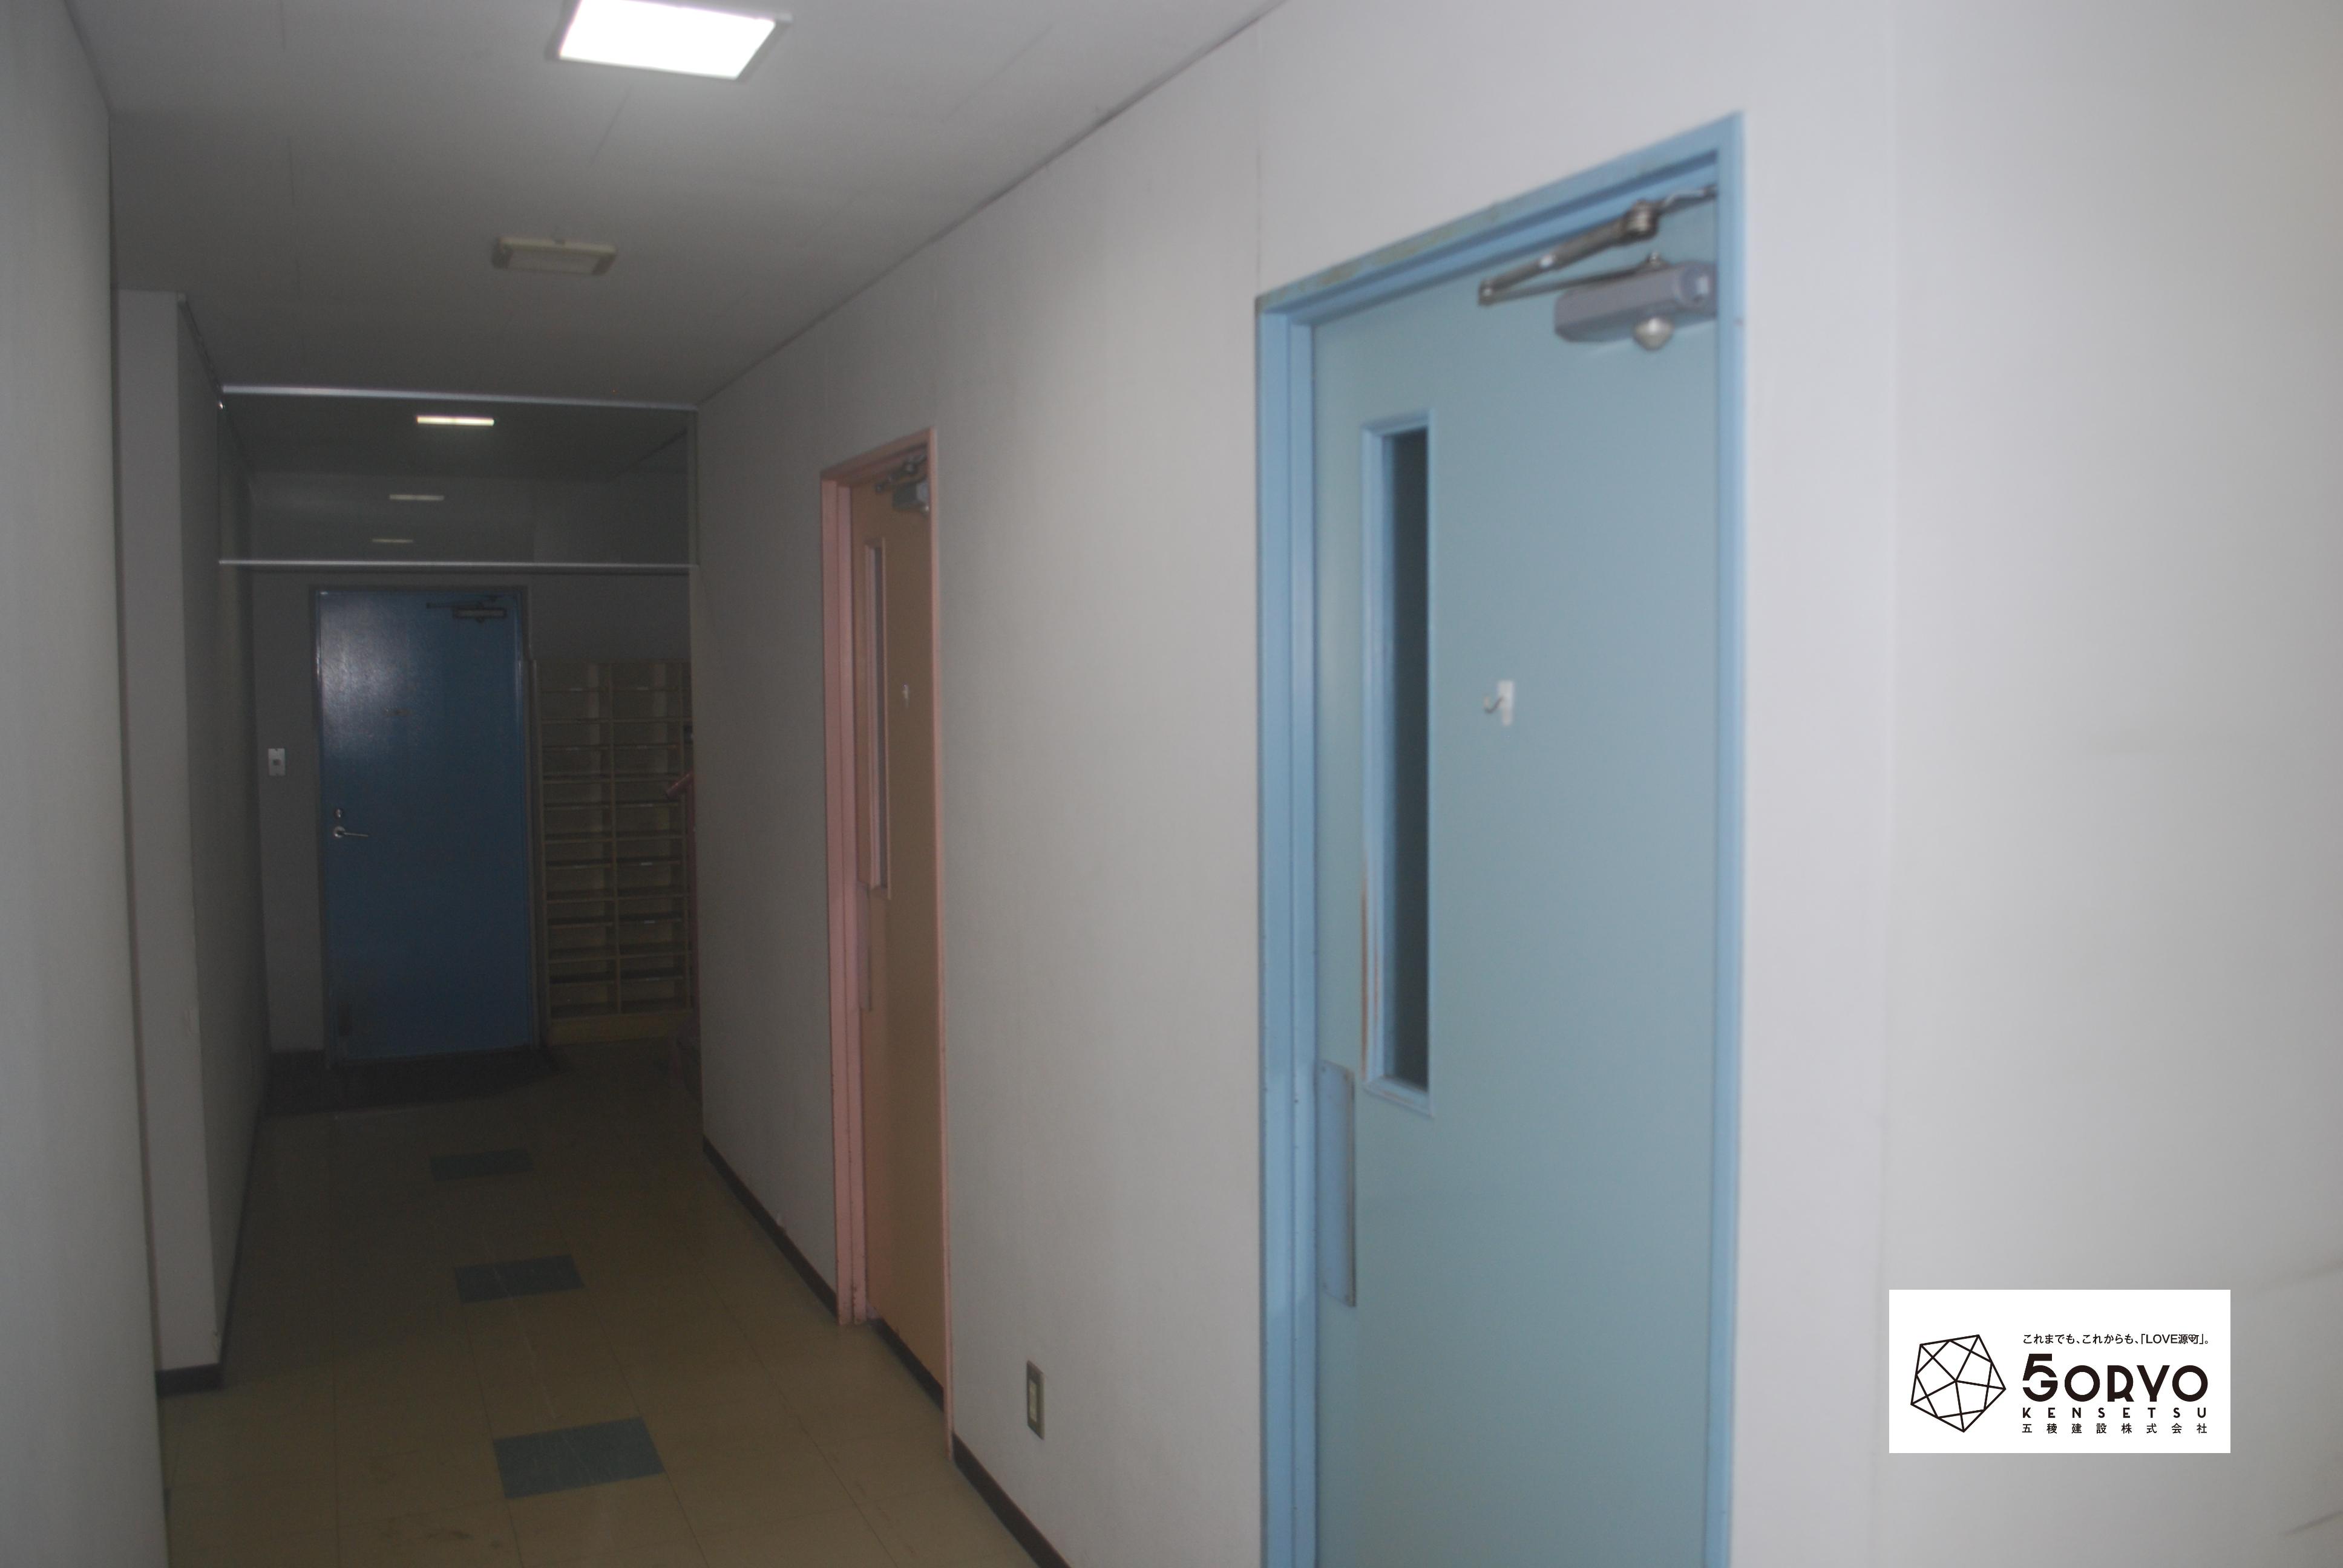 千葉市美浜区ビルを保育園へリノベーション・廊下:施工前